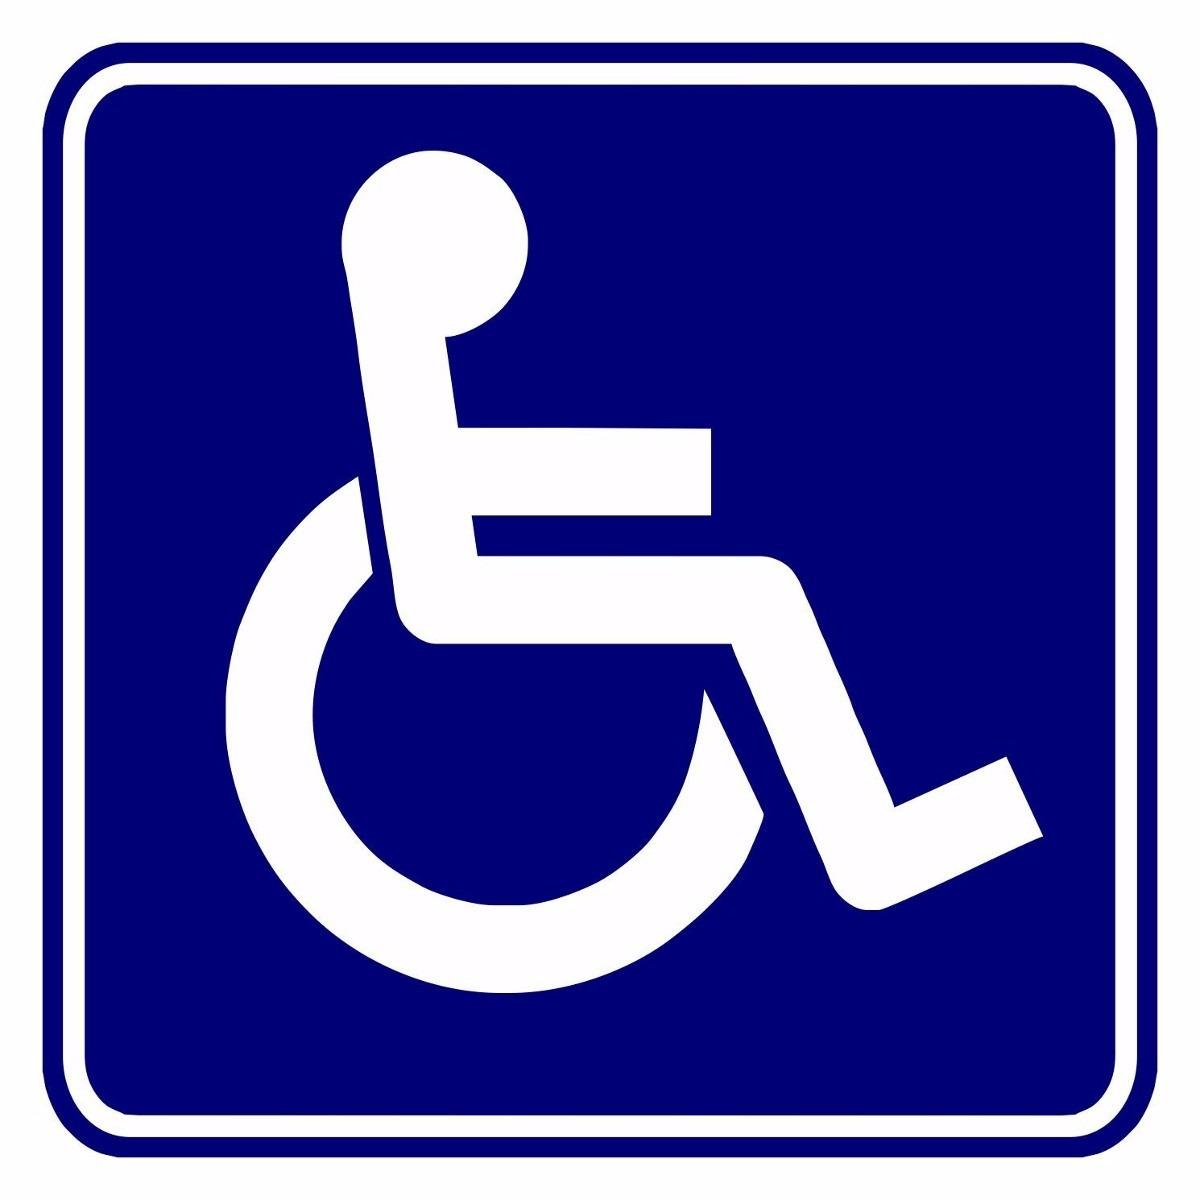 Adesivo Para Geladeira De Kombi ~ Adesivo Cadeirante Para Carro Onibus Vans 15 X 15cm R$ 22,90 em Mercado Livre